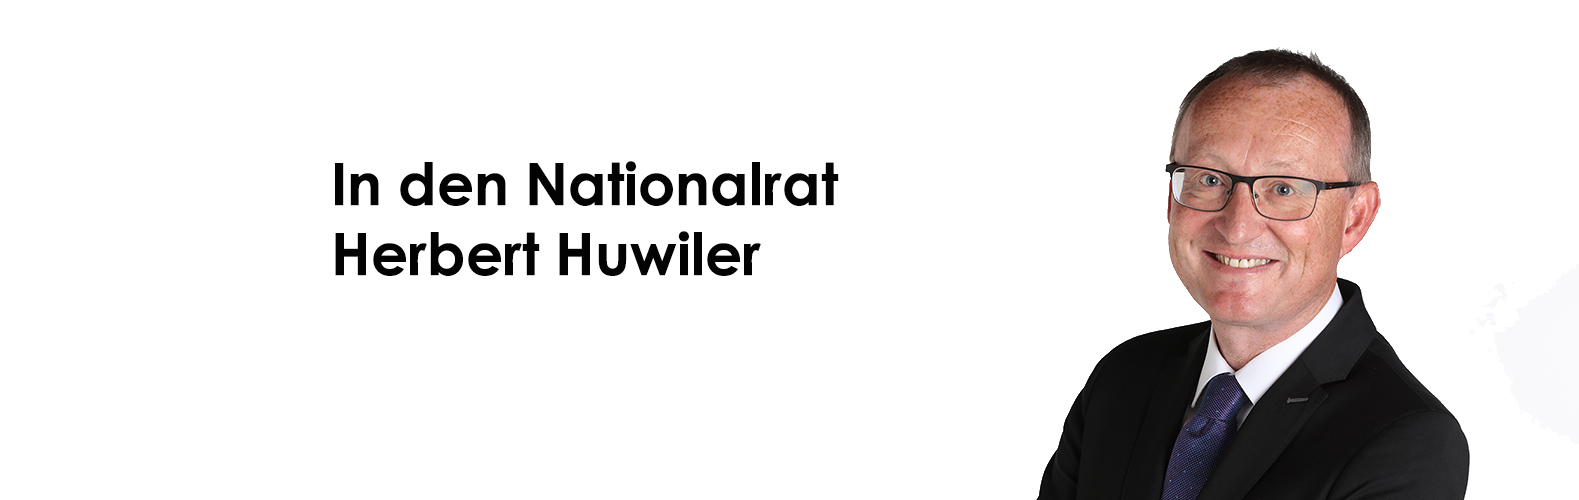 In den Nationalrat